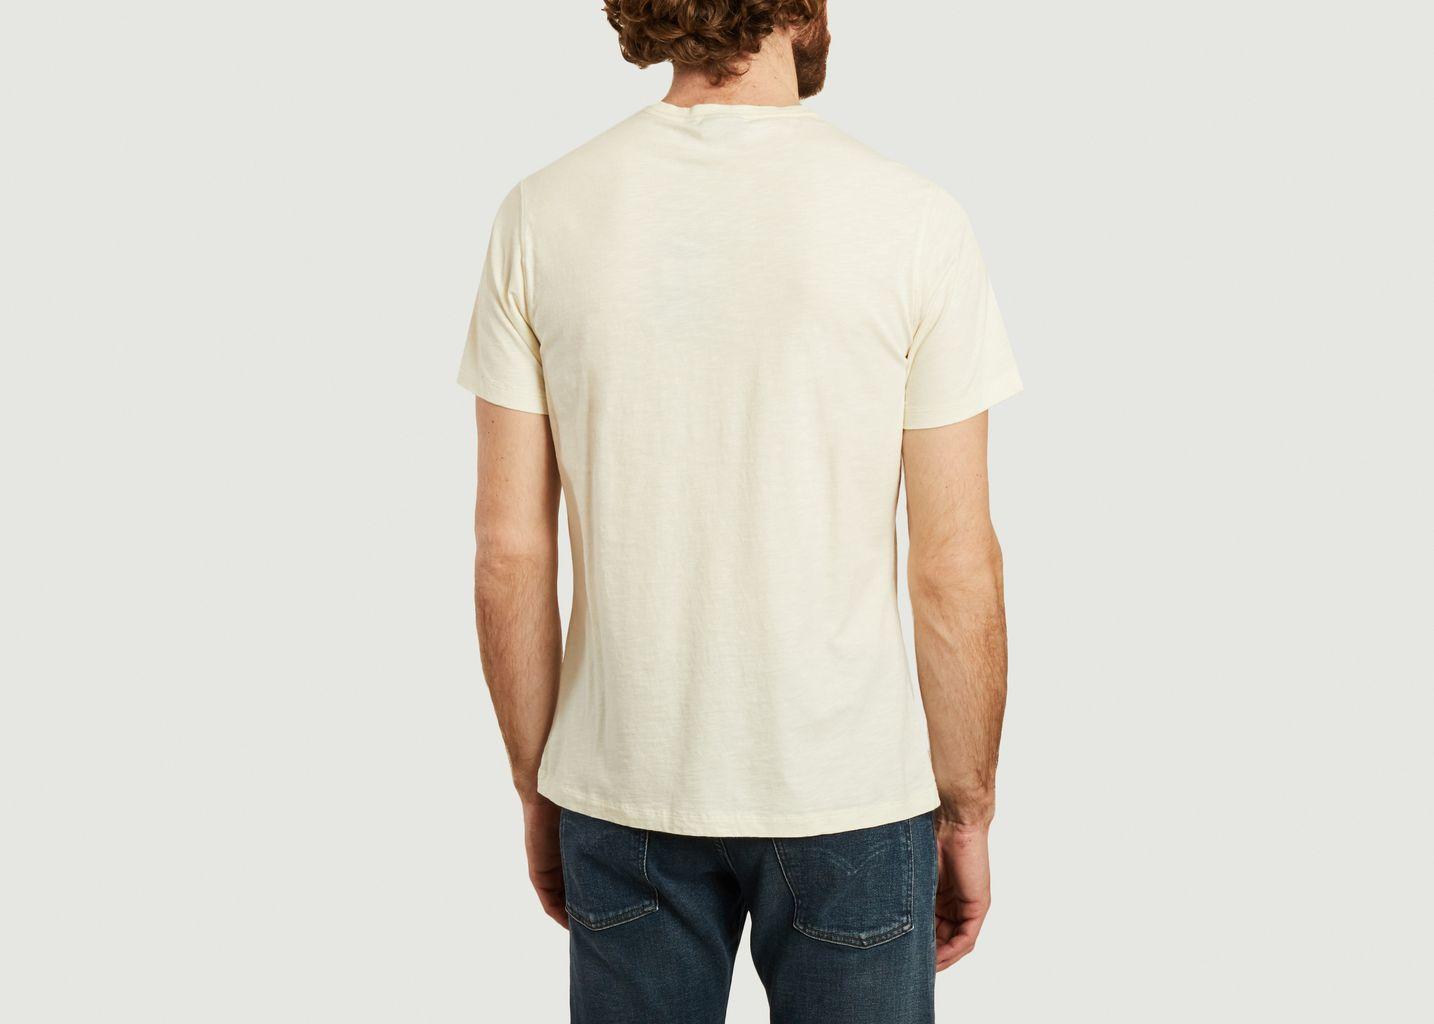 International T-shirt - Barbour